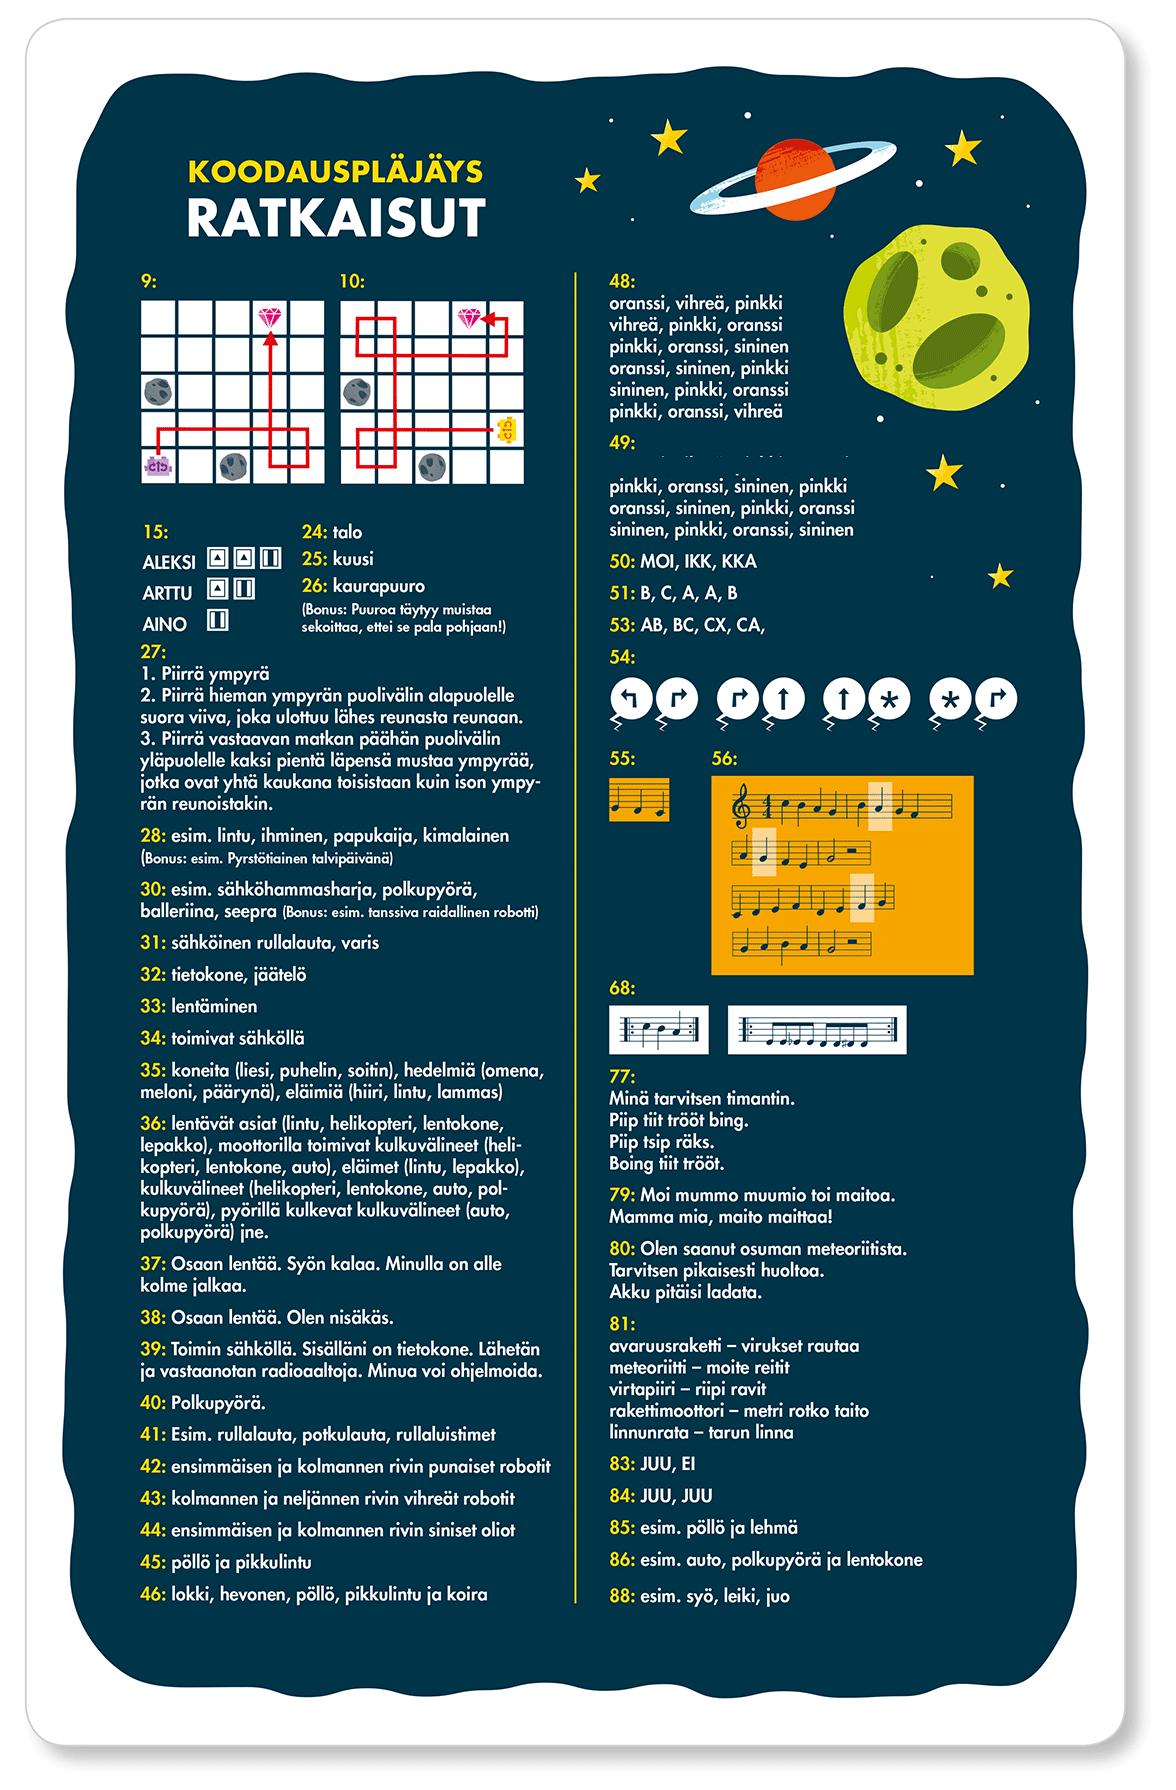 Koodauspläjäys-korttien ratkaisuja